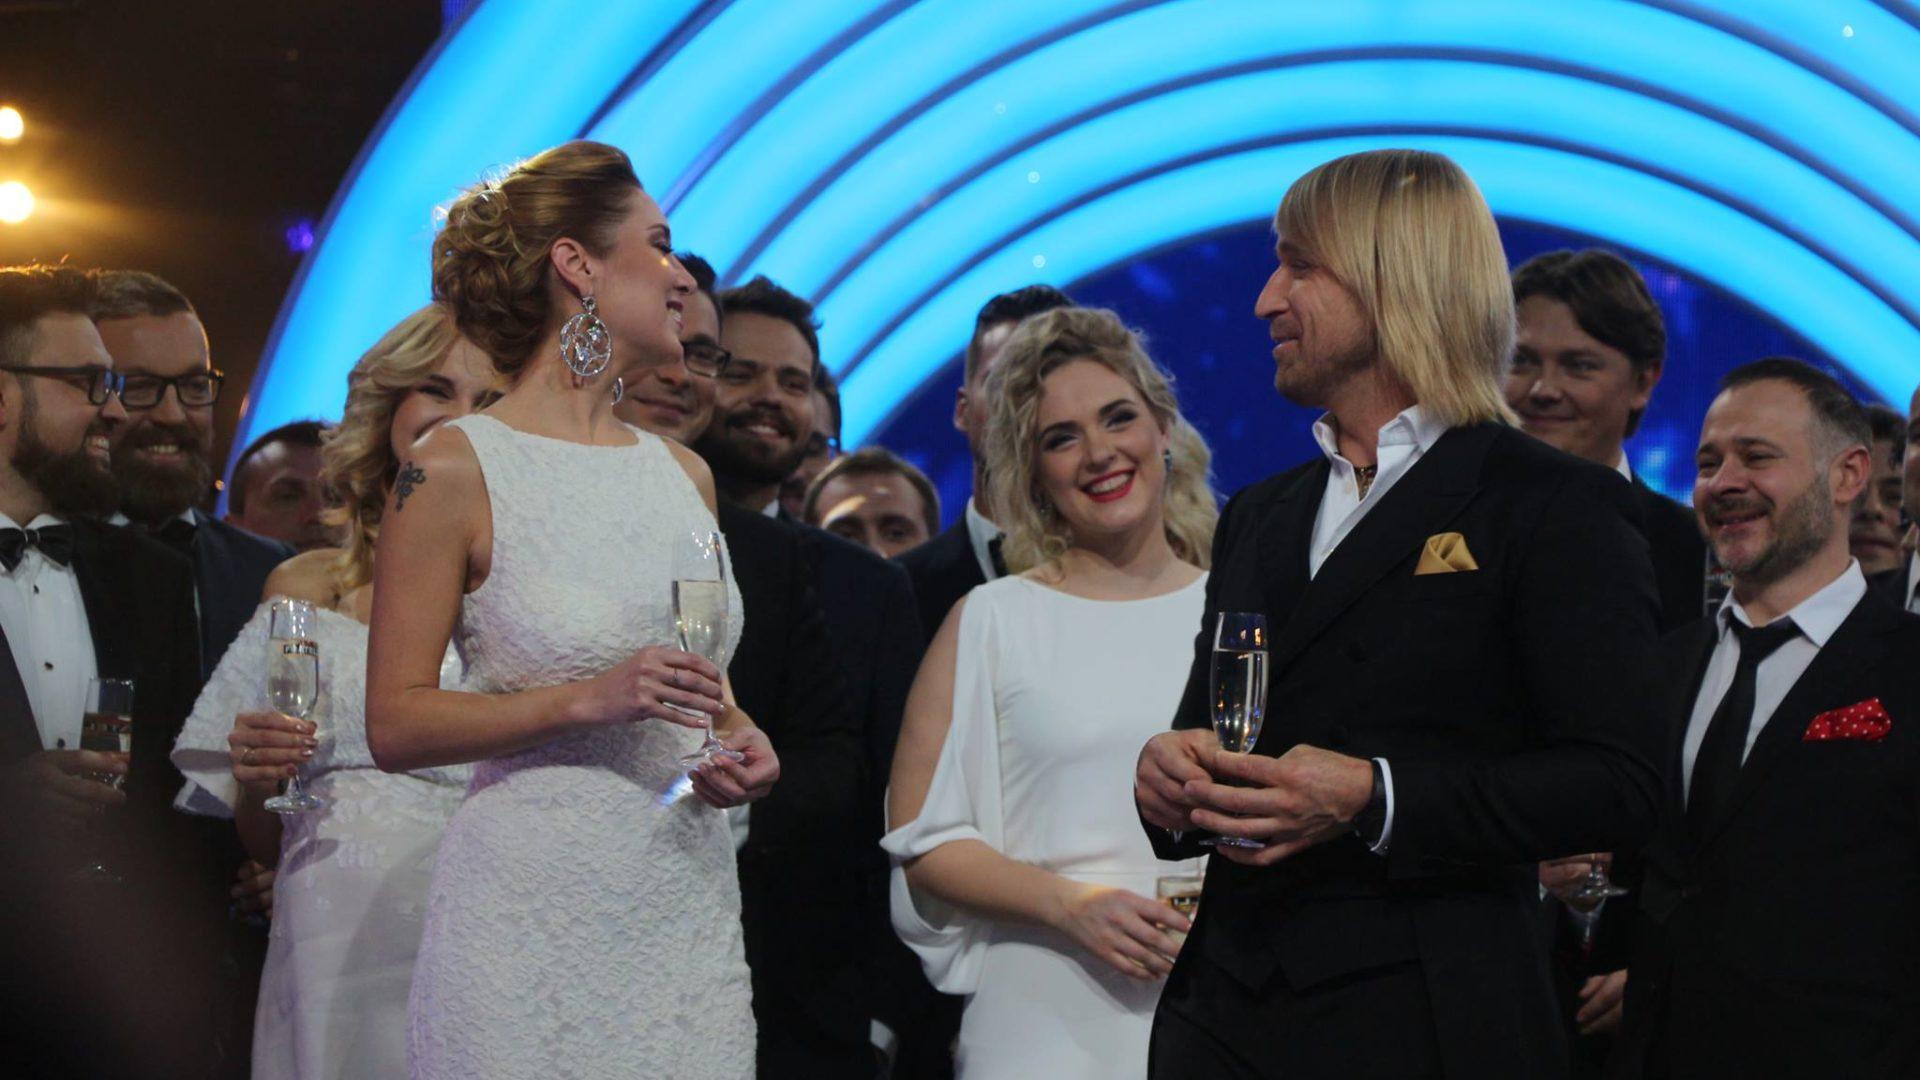 Олег Винник сыграет главную роль в новогодней программе (эксклюзив)